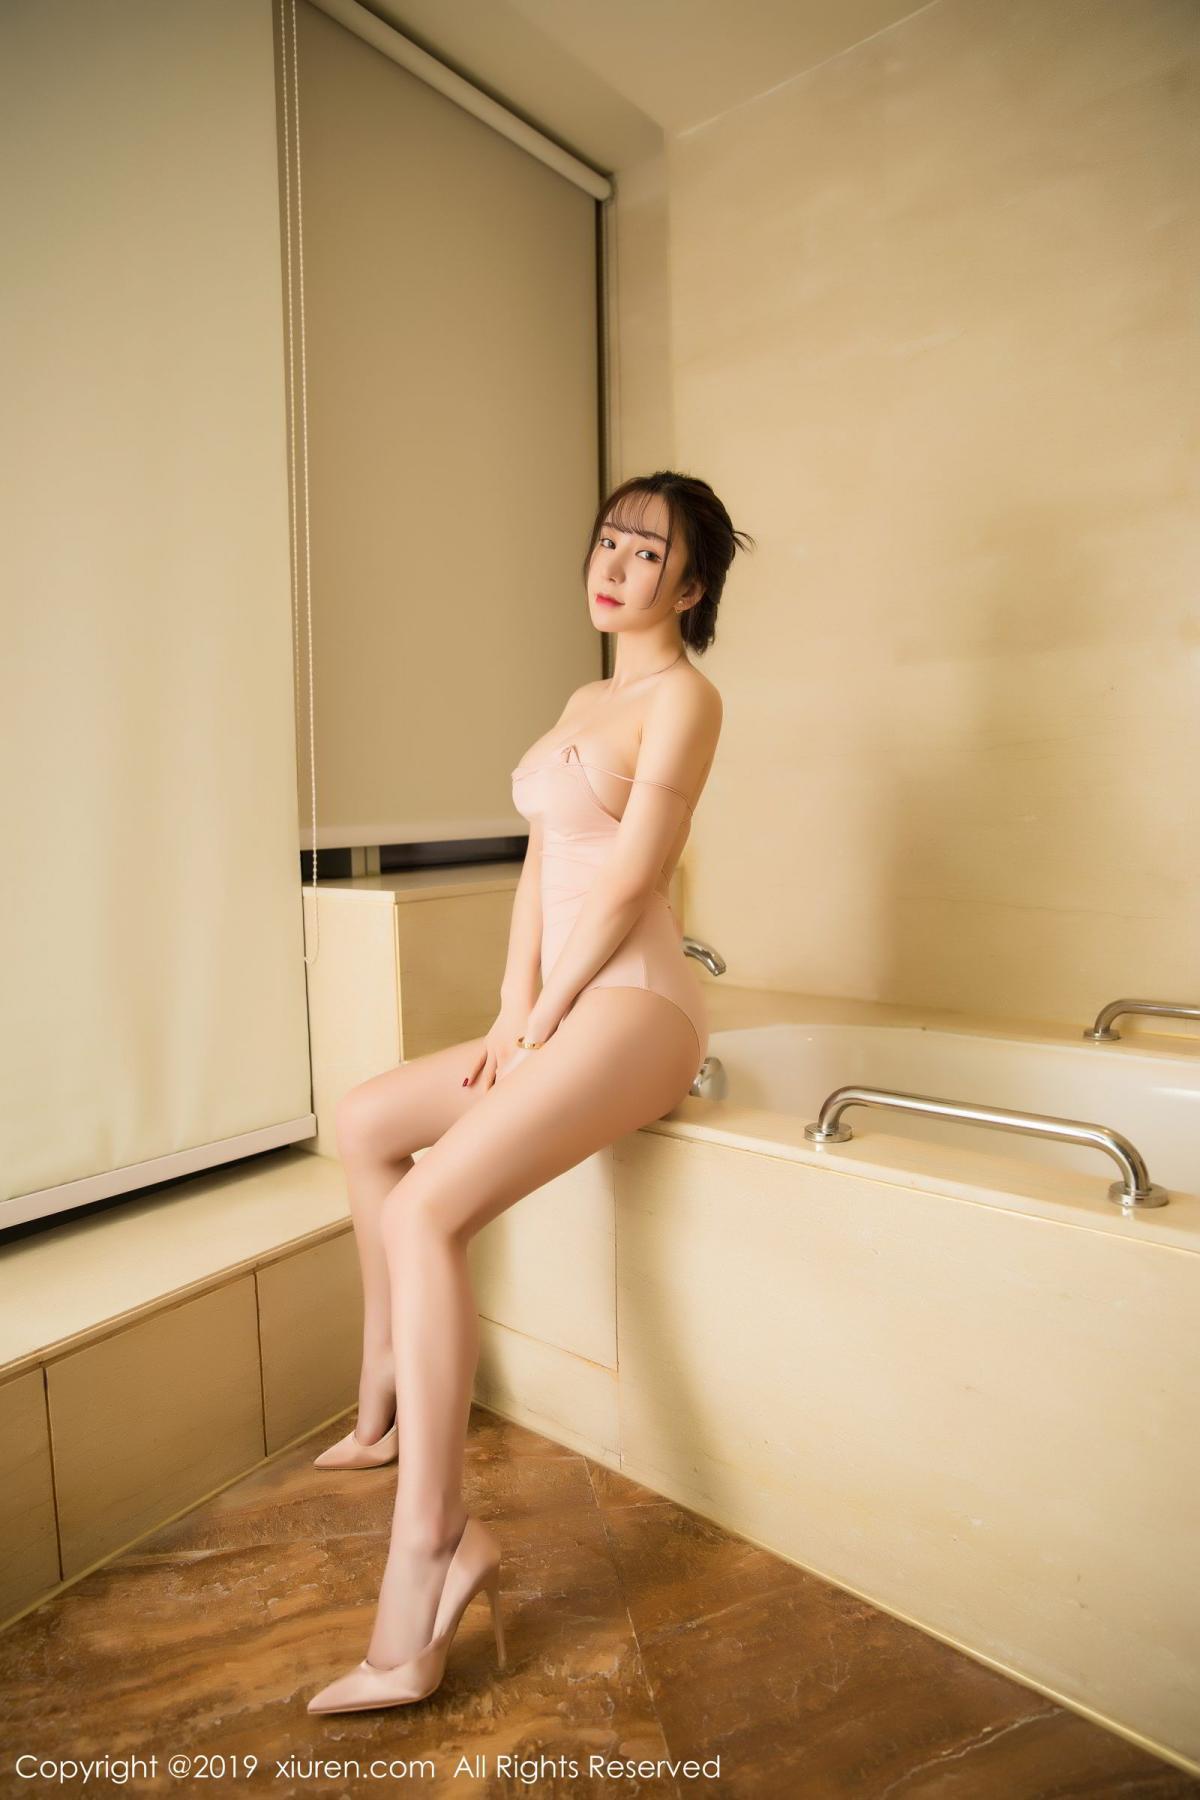 [XiuRen] Vol.1496 Zhou Yu Xi 23P, Bathroom, Xiuren, Zhou Yu Xi